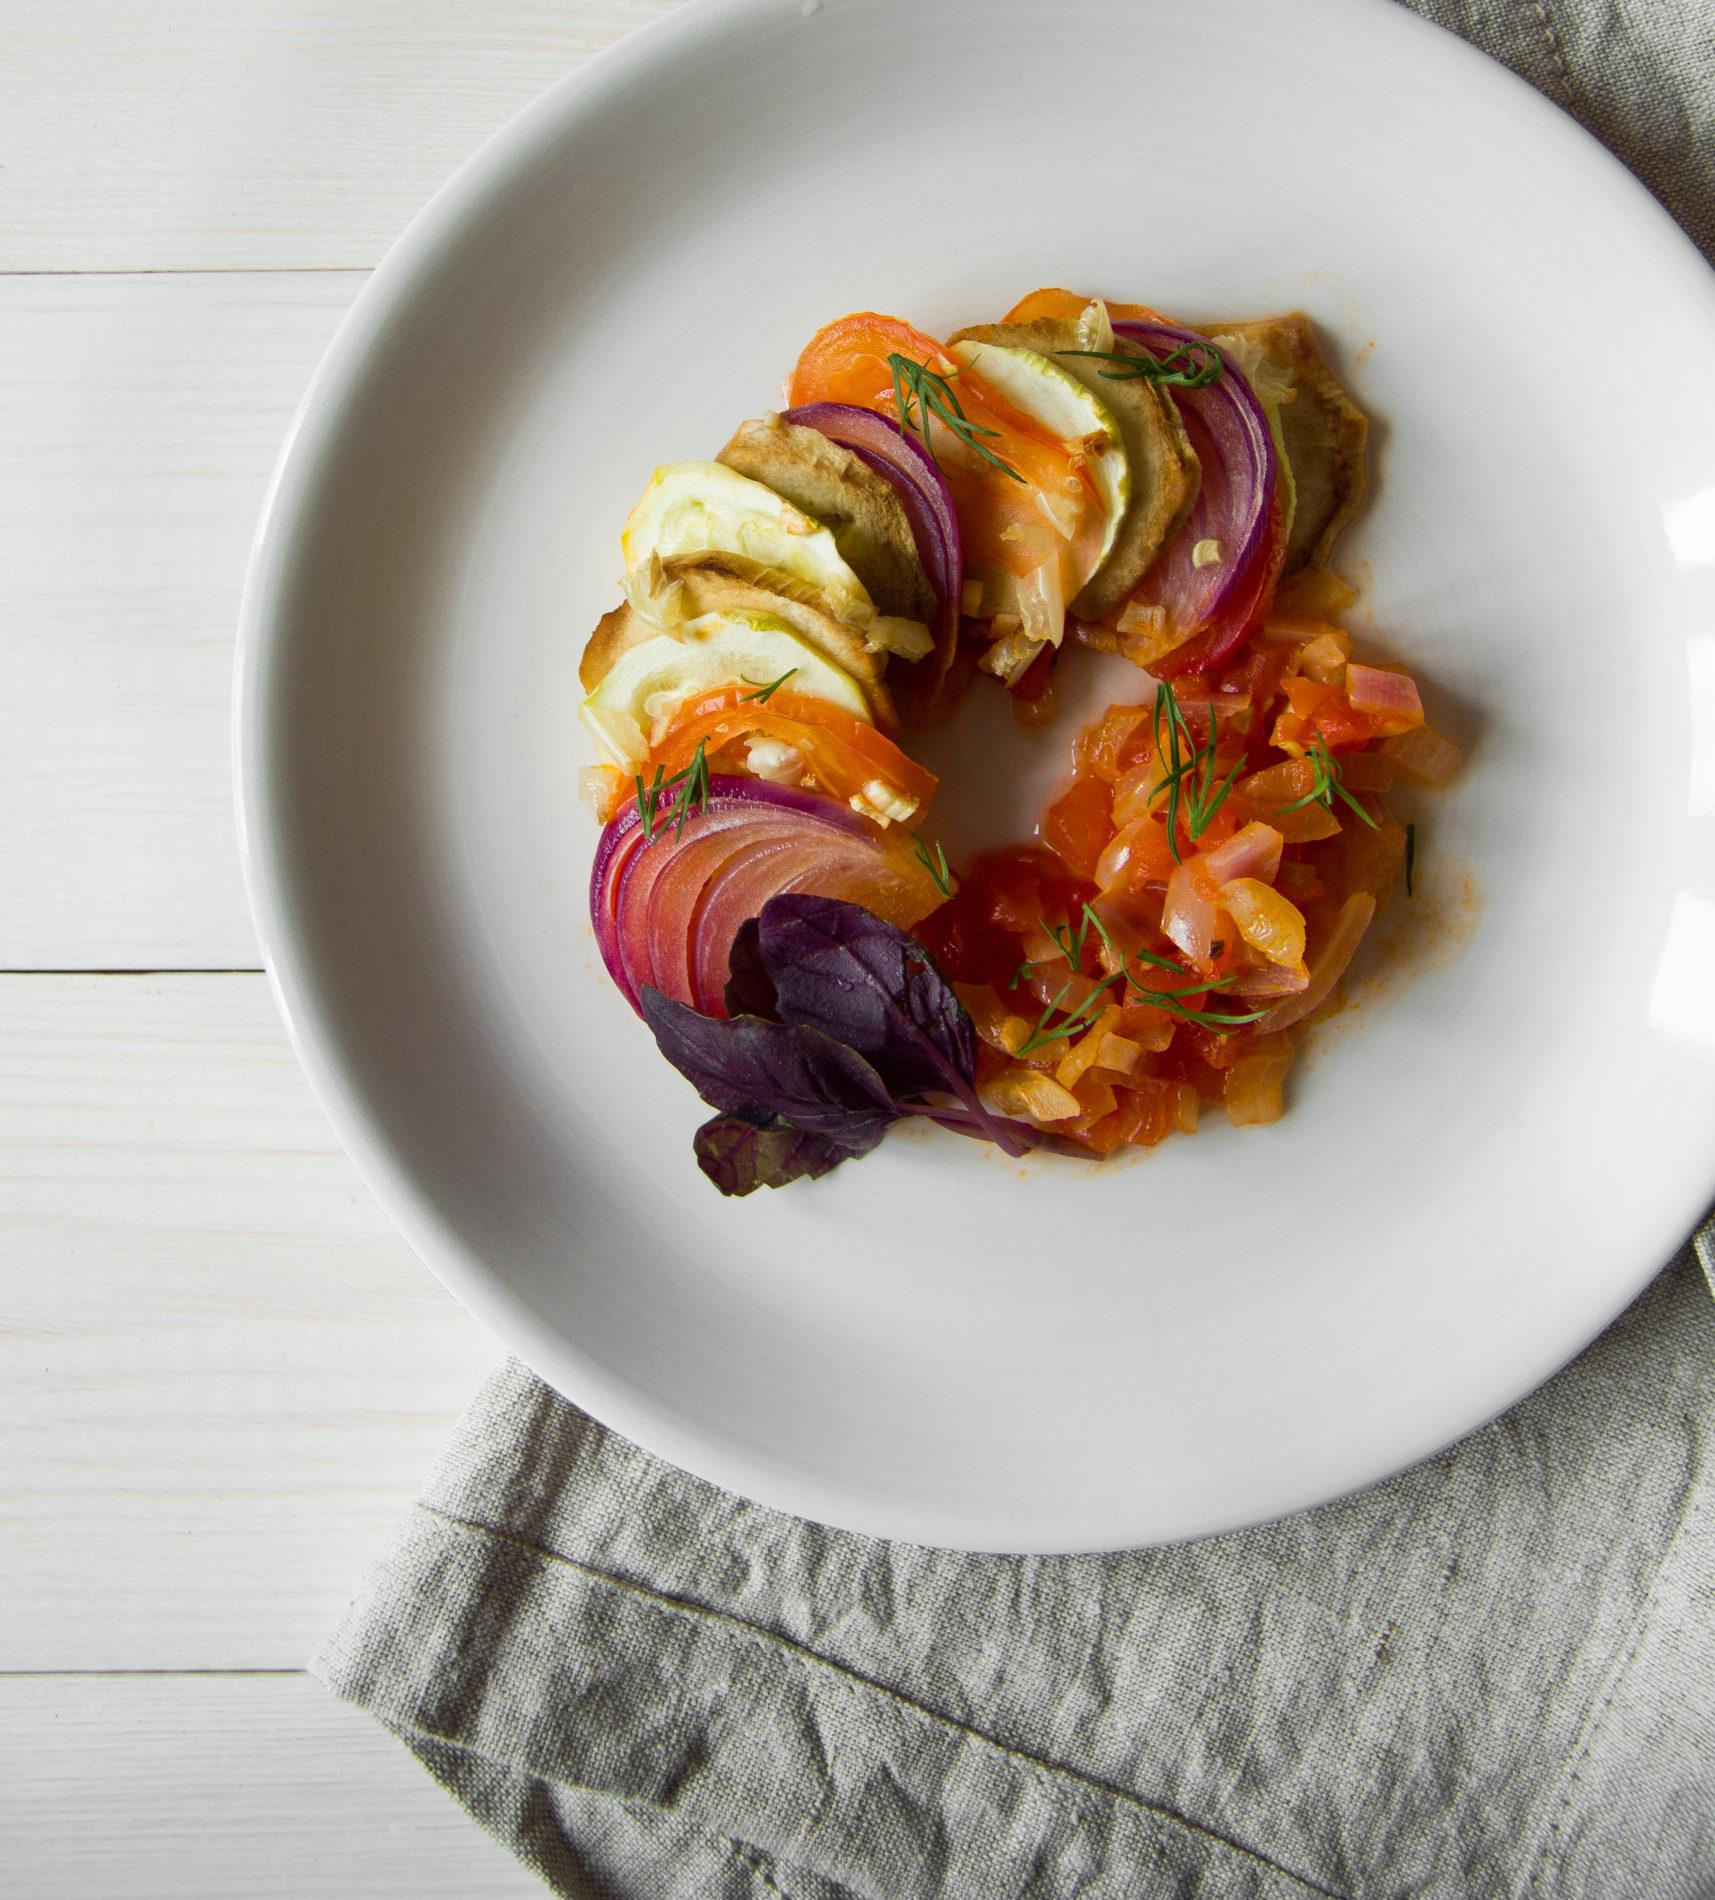 ratatouille рататуй пошаговый рецепт с фото веган здоровая еда